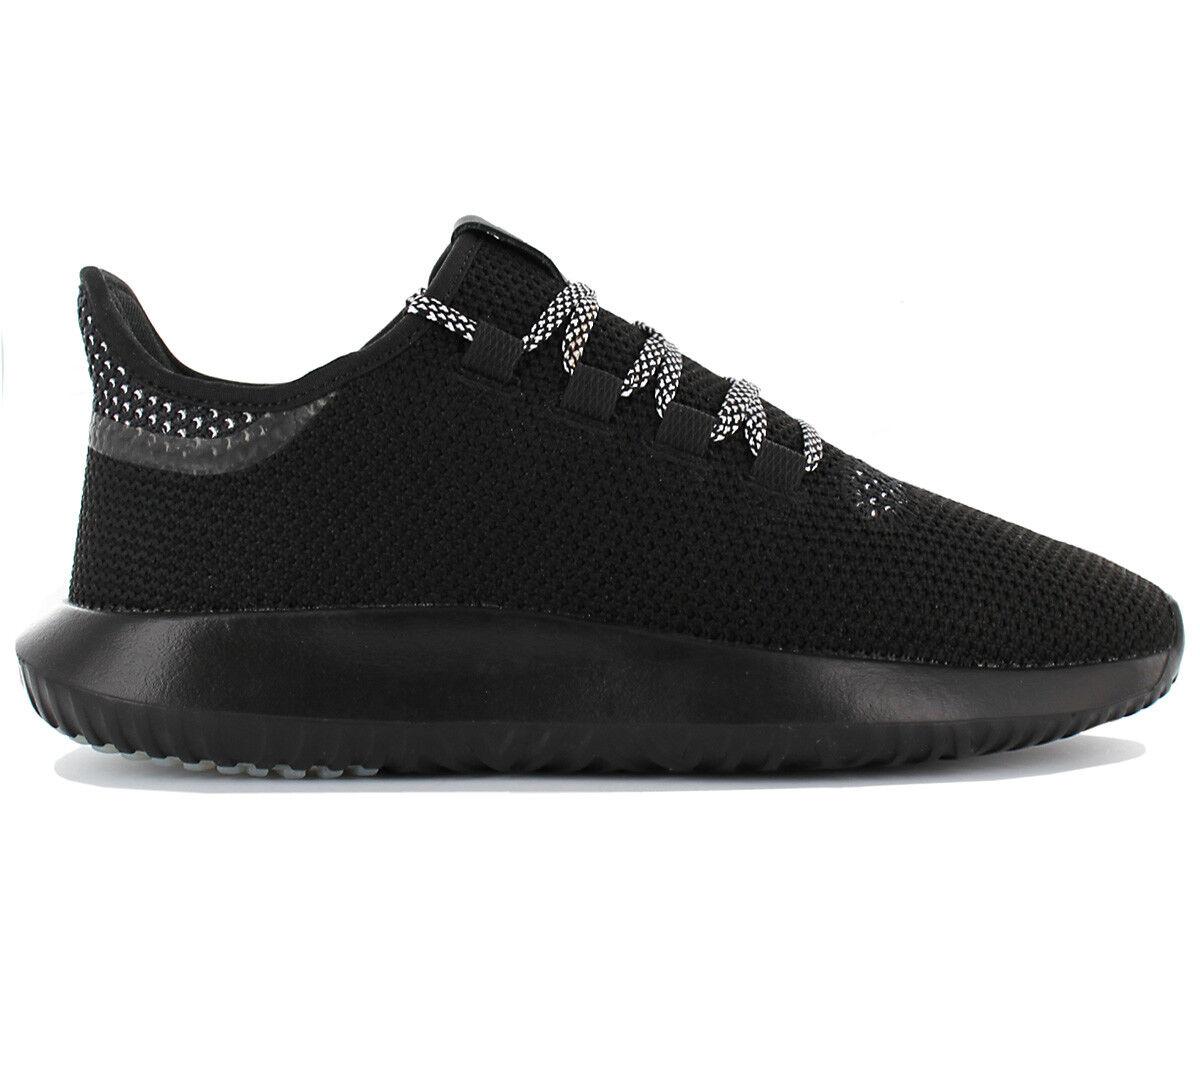 Adidas Shadow Originals tubular Shadow Adidas CK calcetines cortos zapatos negro cq0930 nuevo a1118a